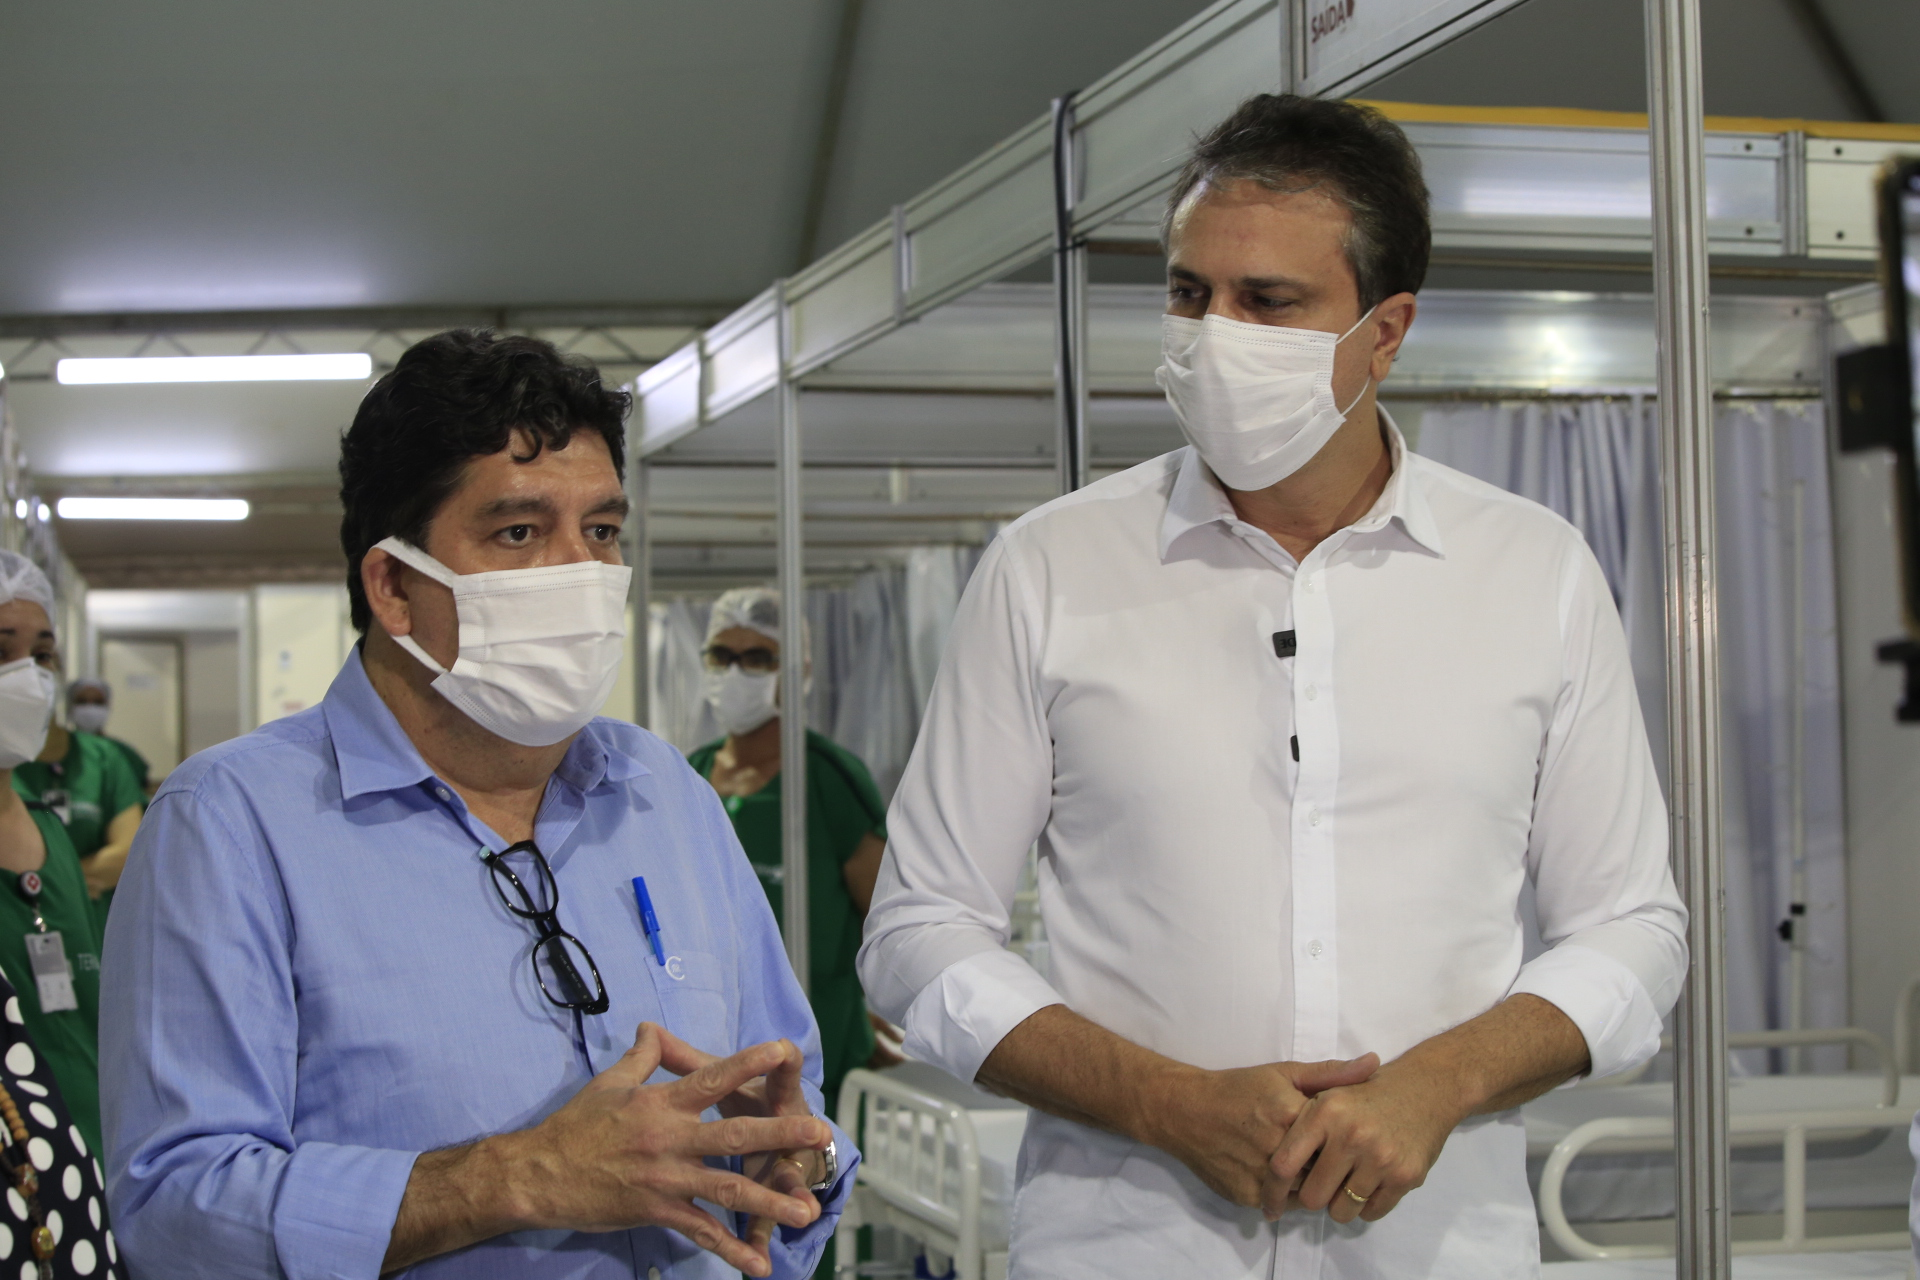 210426 INAUG CAMPANHA HRC NIU8620 - Entrega de 50 leitos de enfermaria em Juazeiro do Norte amplia capacidade de atenção a pacientes com Covid no HRC